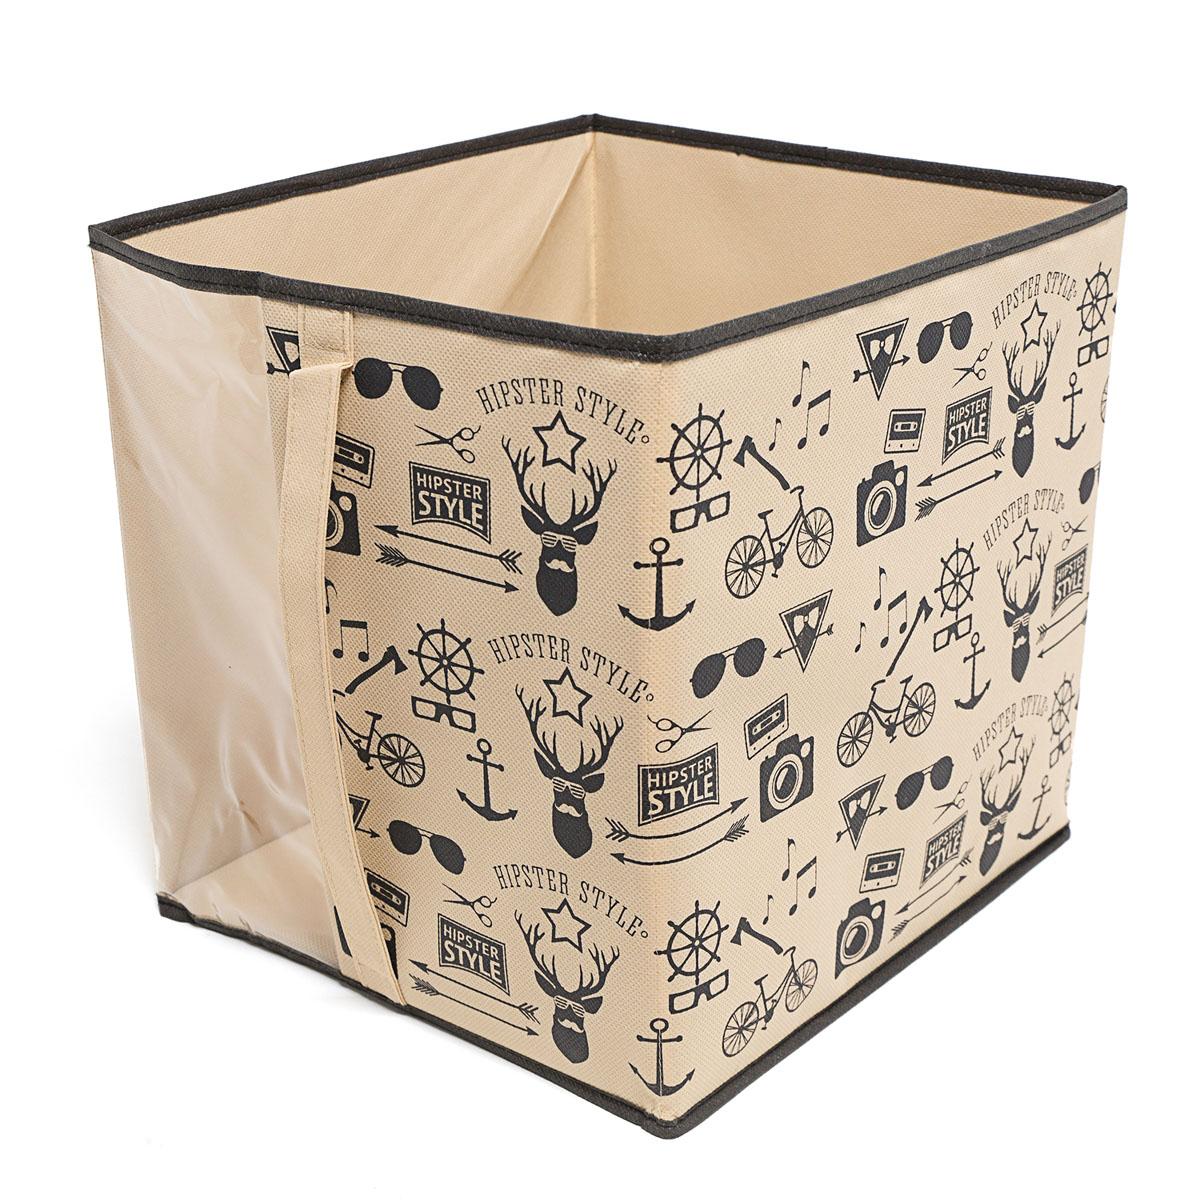 Кофр для хранения Homsu Hipster Style, 30 х 33 х 32 смБрелок для ключейКофр для хранения Homsu Hipster Style изготовлен из высококачественного нетканого полотна и декорирован красочным изображением. Кофр имеет одно большое отделение, где вы можете хранить различные бытовые вещи, нижнее белье, одежду и многое другое. Вставки из картона обеспечивают прочность конструкции. Стильный принт, модный цвет и качество исполнения сделают такой кофр незаменимым для хранения ваших вещей.